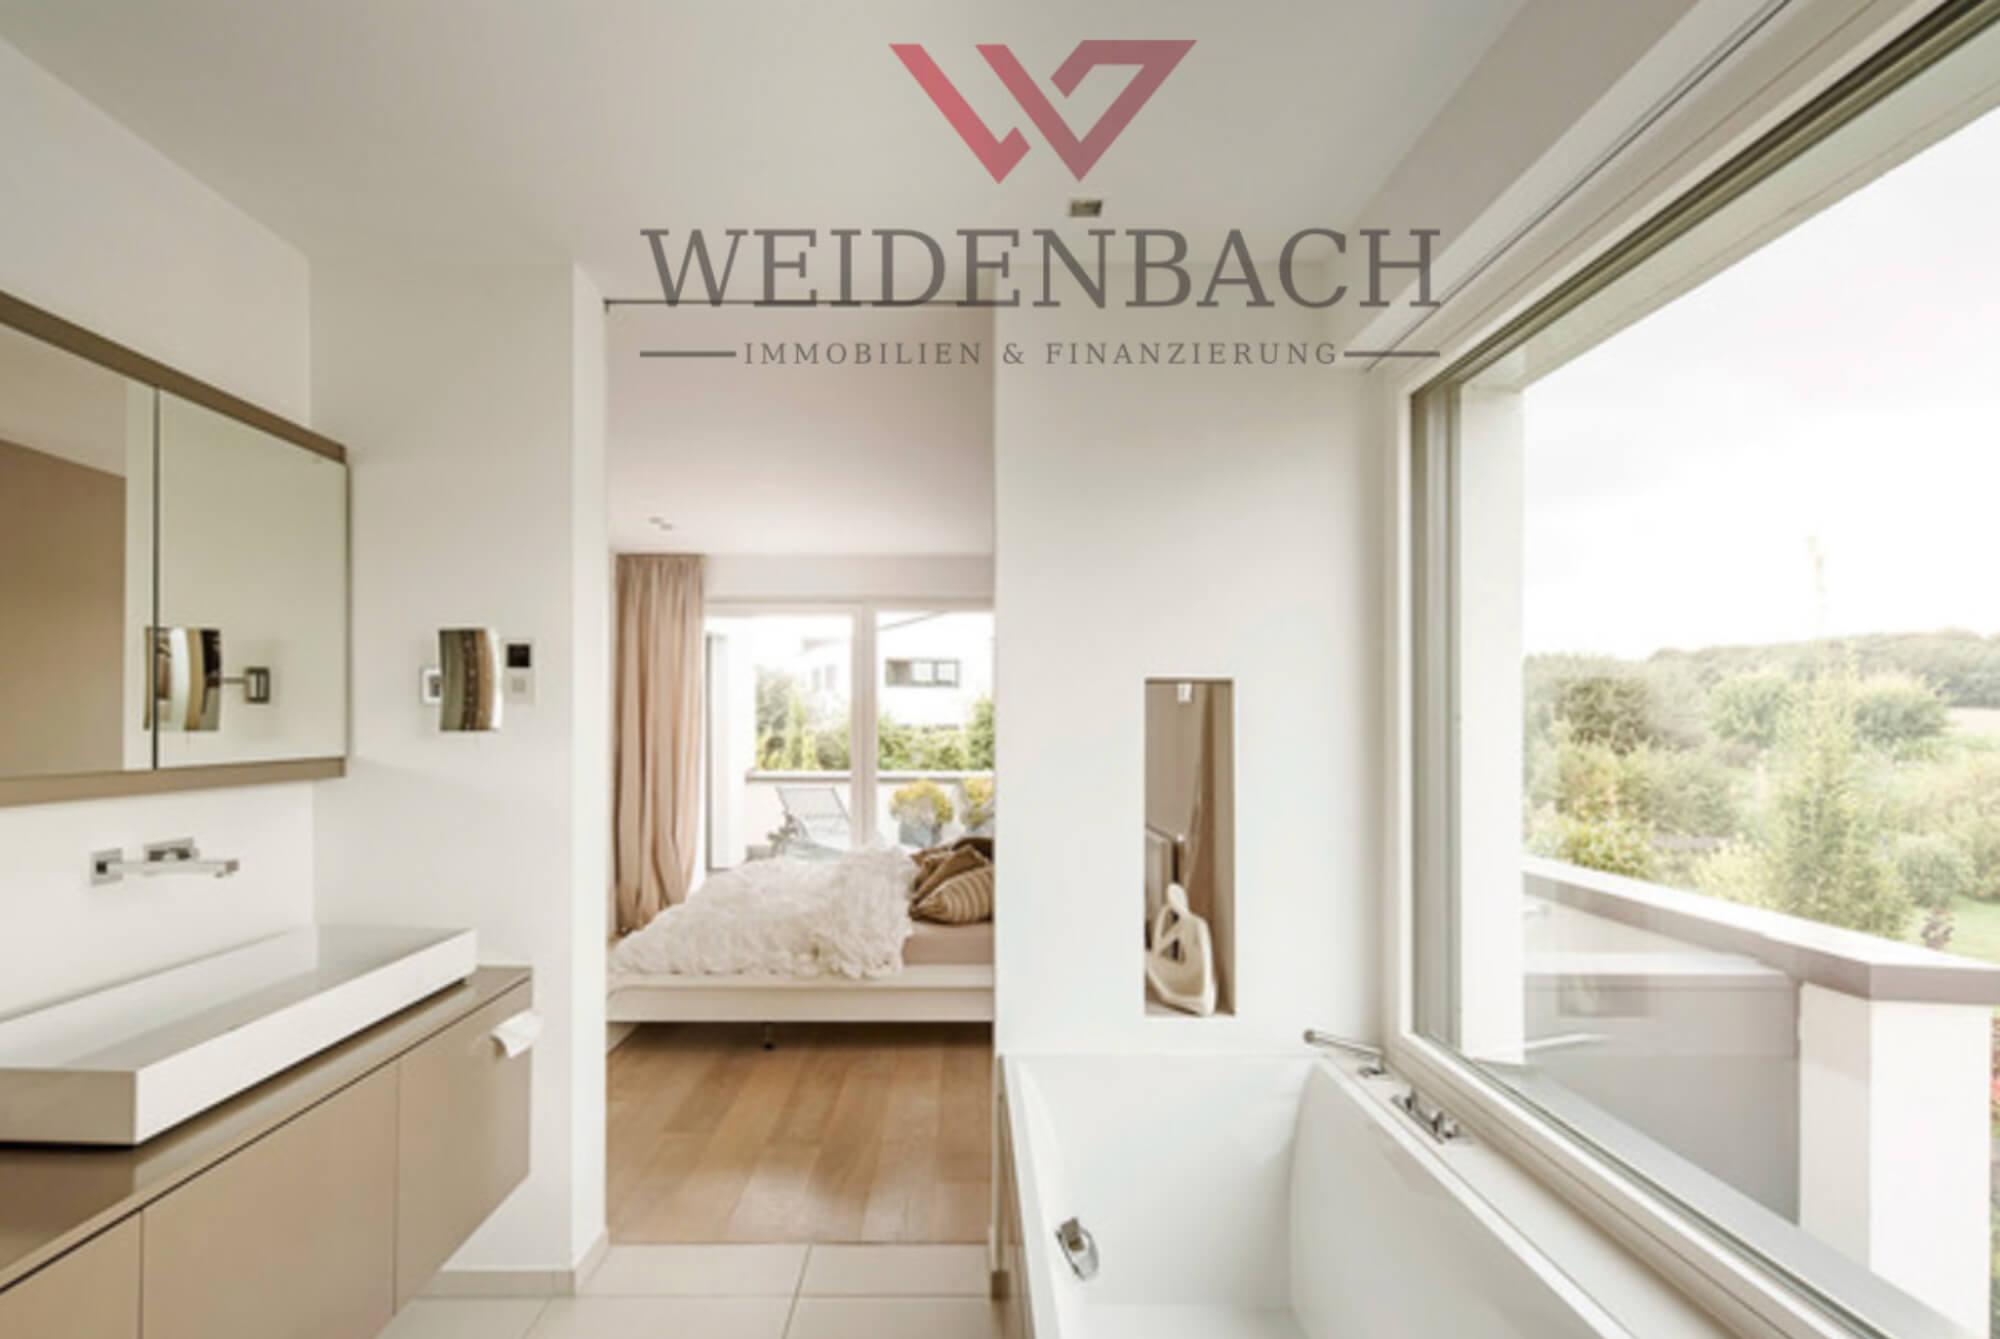 NEUBAU! 5 Zimmer-Balkon-Wohnung in Marl mit Aufzug! *KFW Förderung*